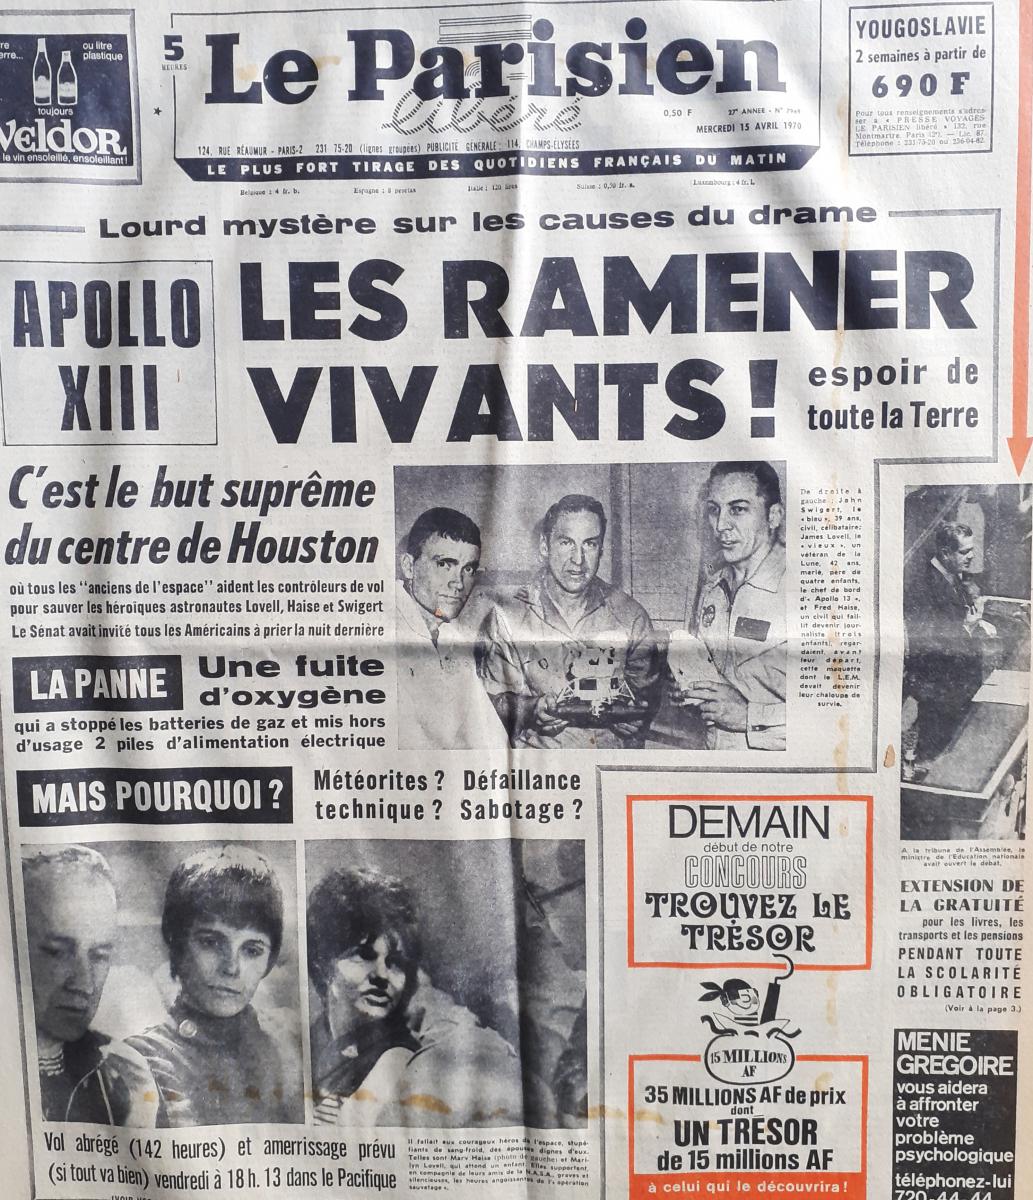 Le drame Apollo 13 à travers les médias français